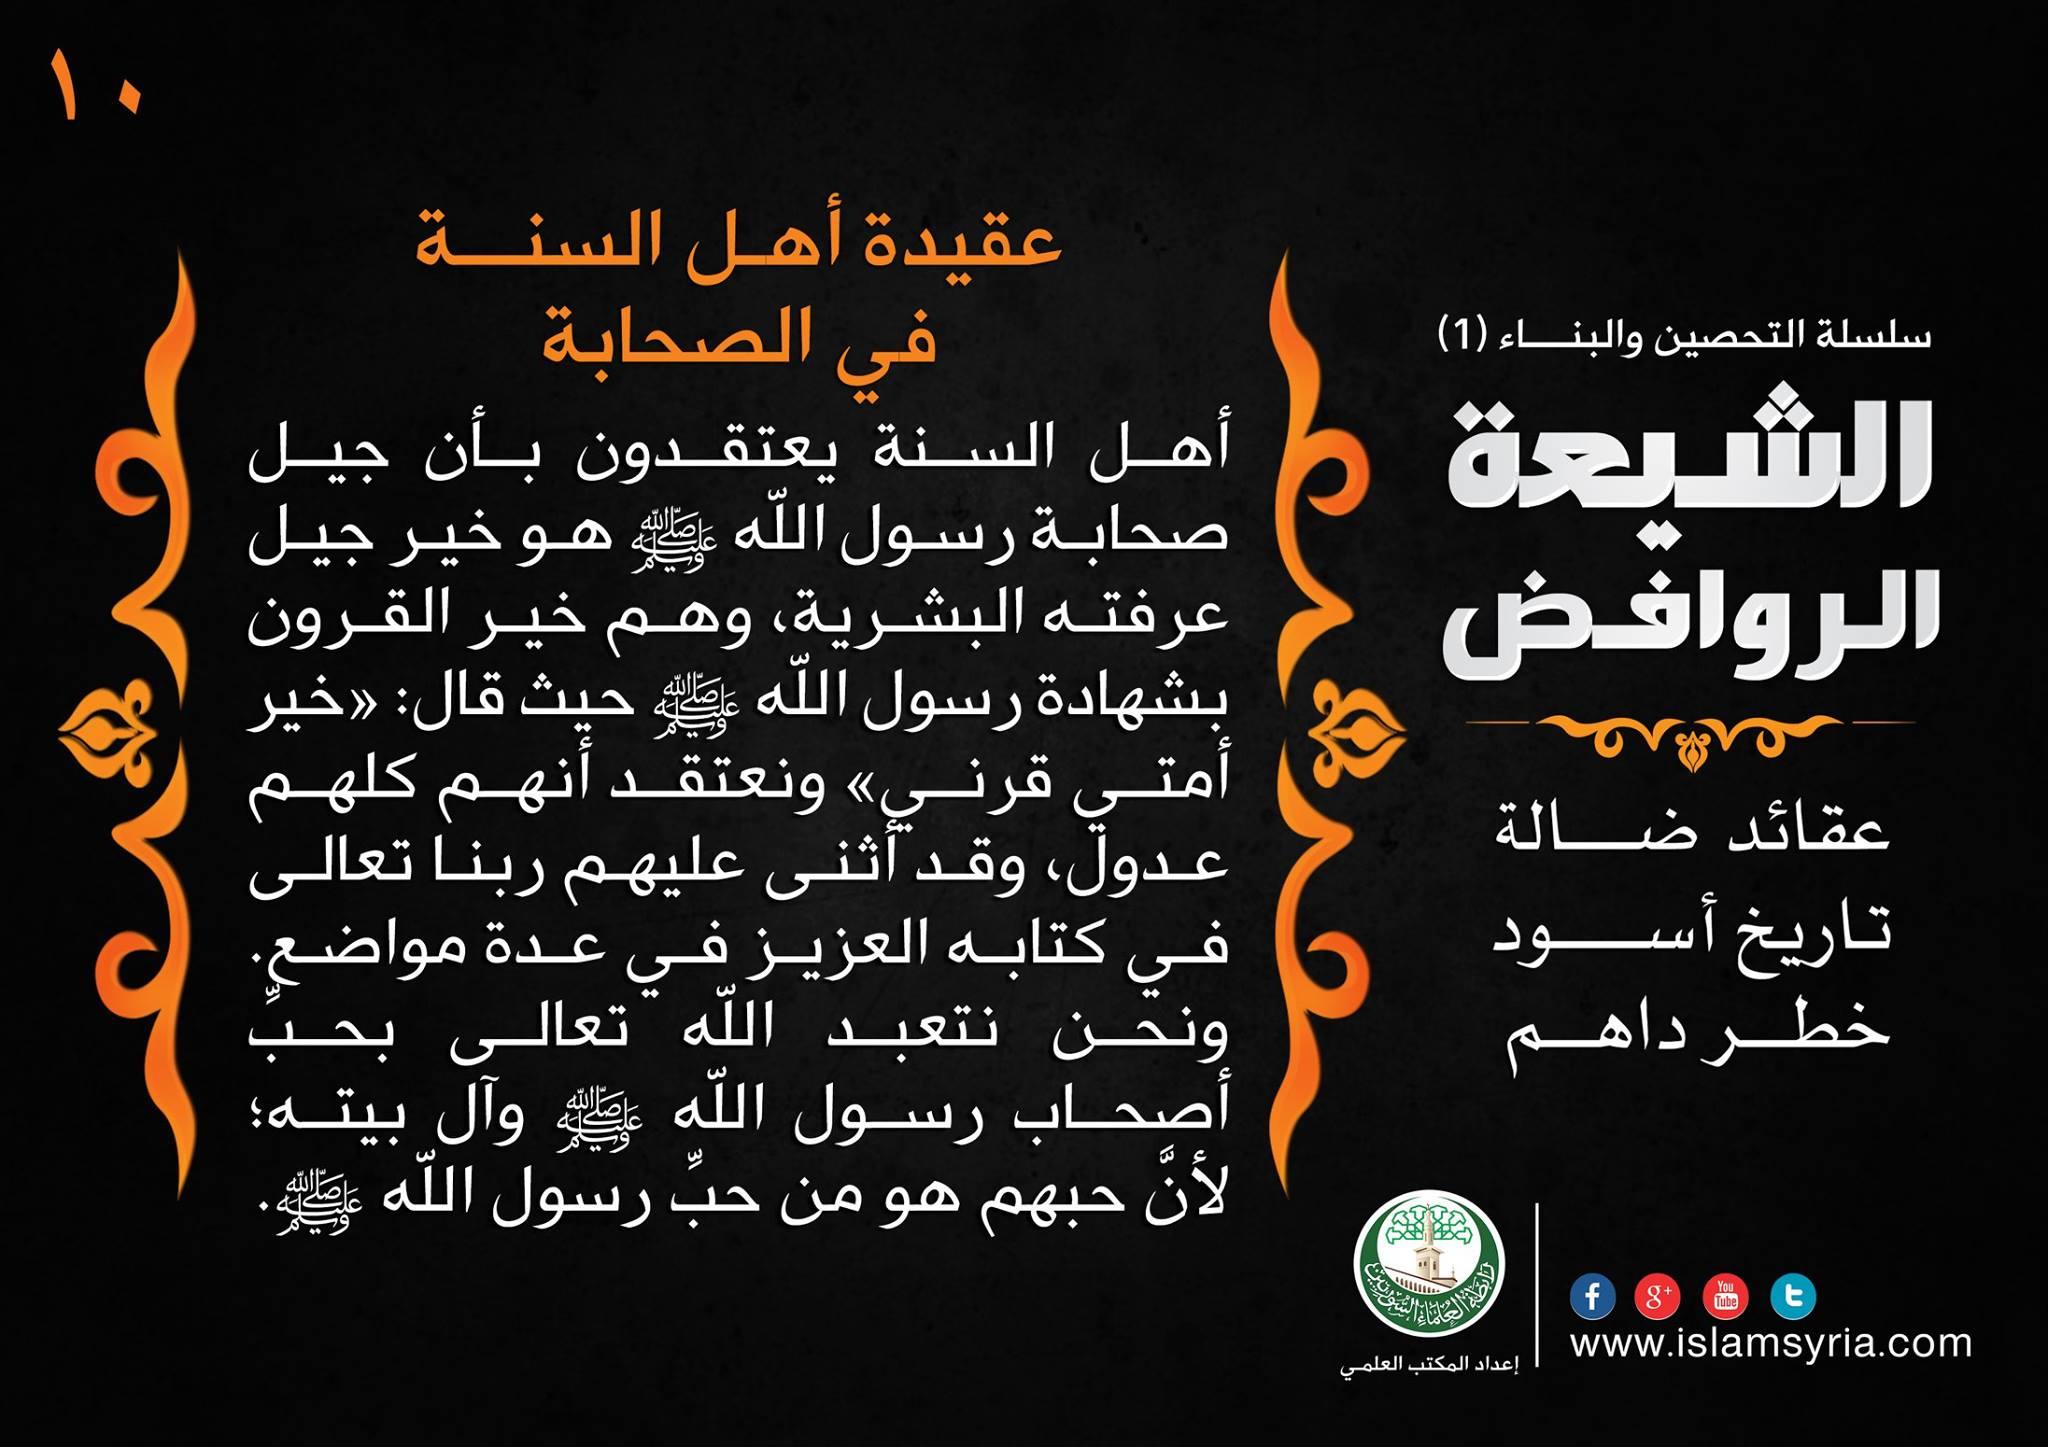 سلسلة التحصين والبناء -10- الشيعة الروافض